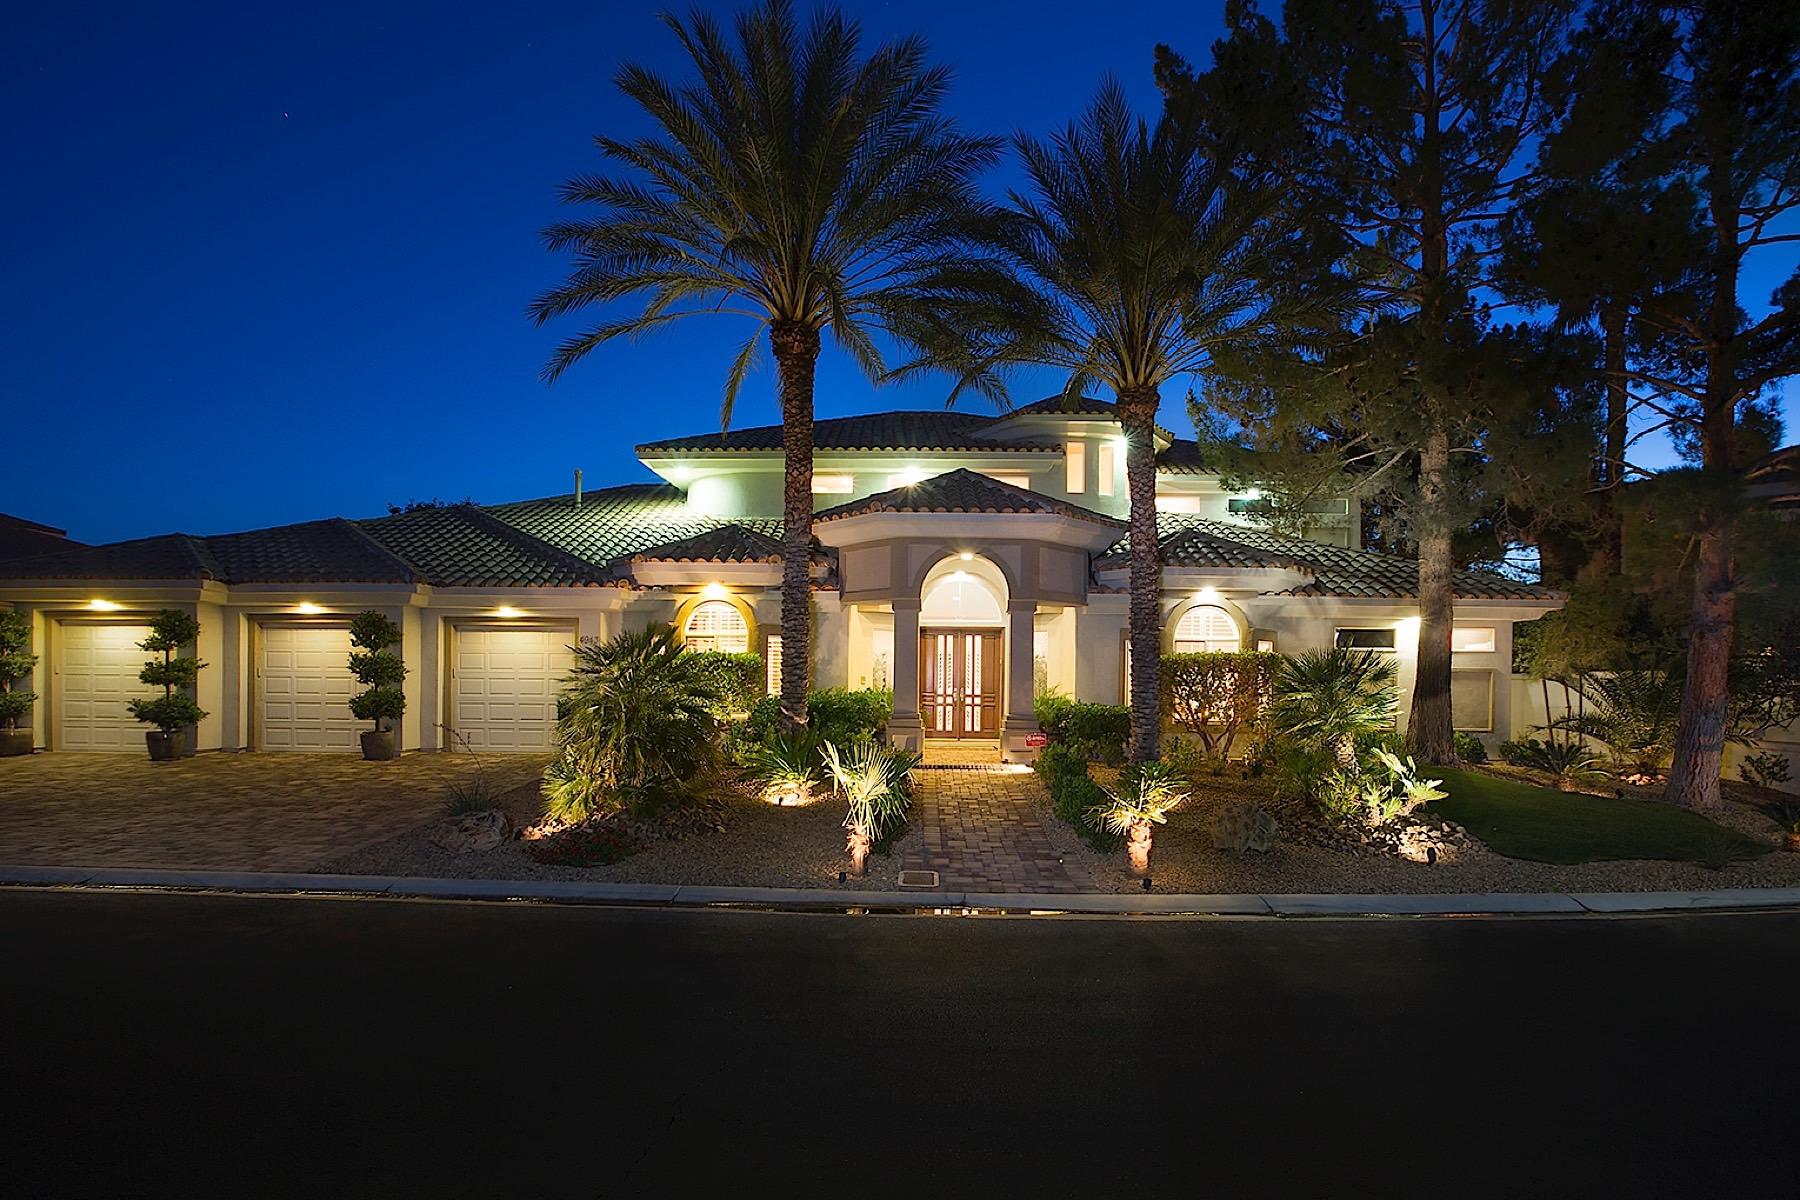 独户住宅 为 销售 在 Spanish Heights 4943 Spanish Heights 拉斯维加斯, 内华达州, 89148 美国在/周边: Las Vegas